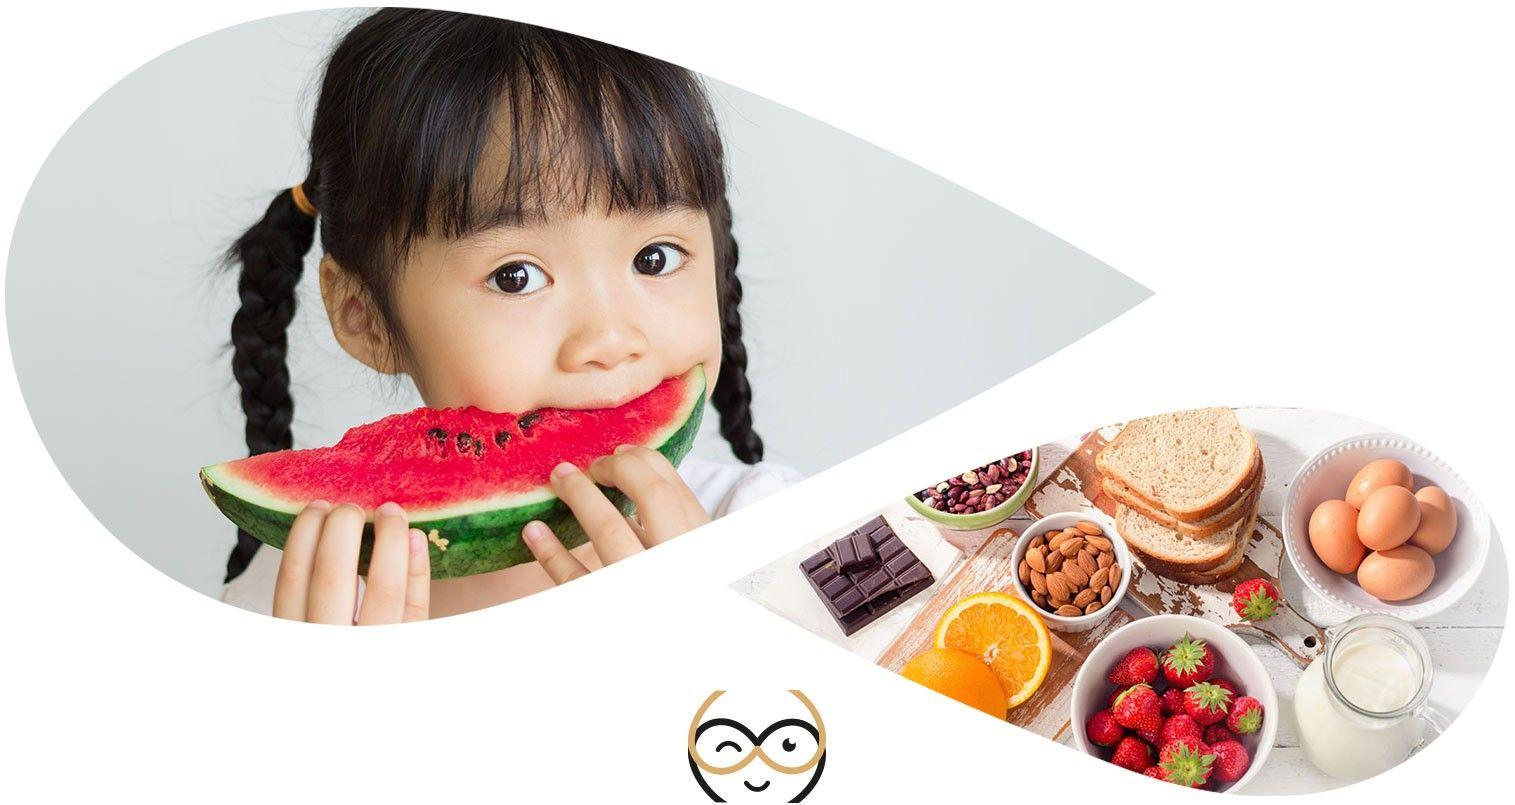 comment diagnostiquer allergie alimentaire chez l'endant